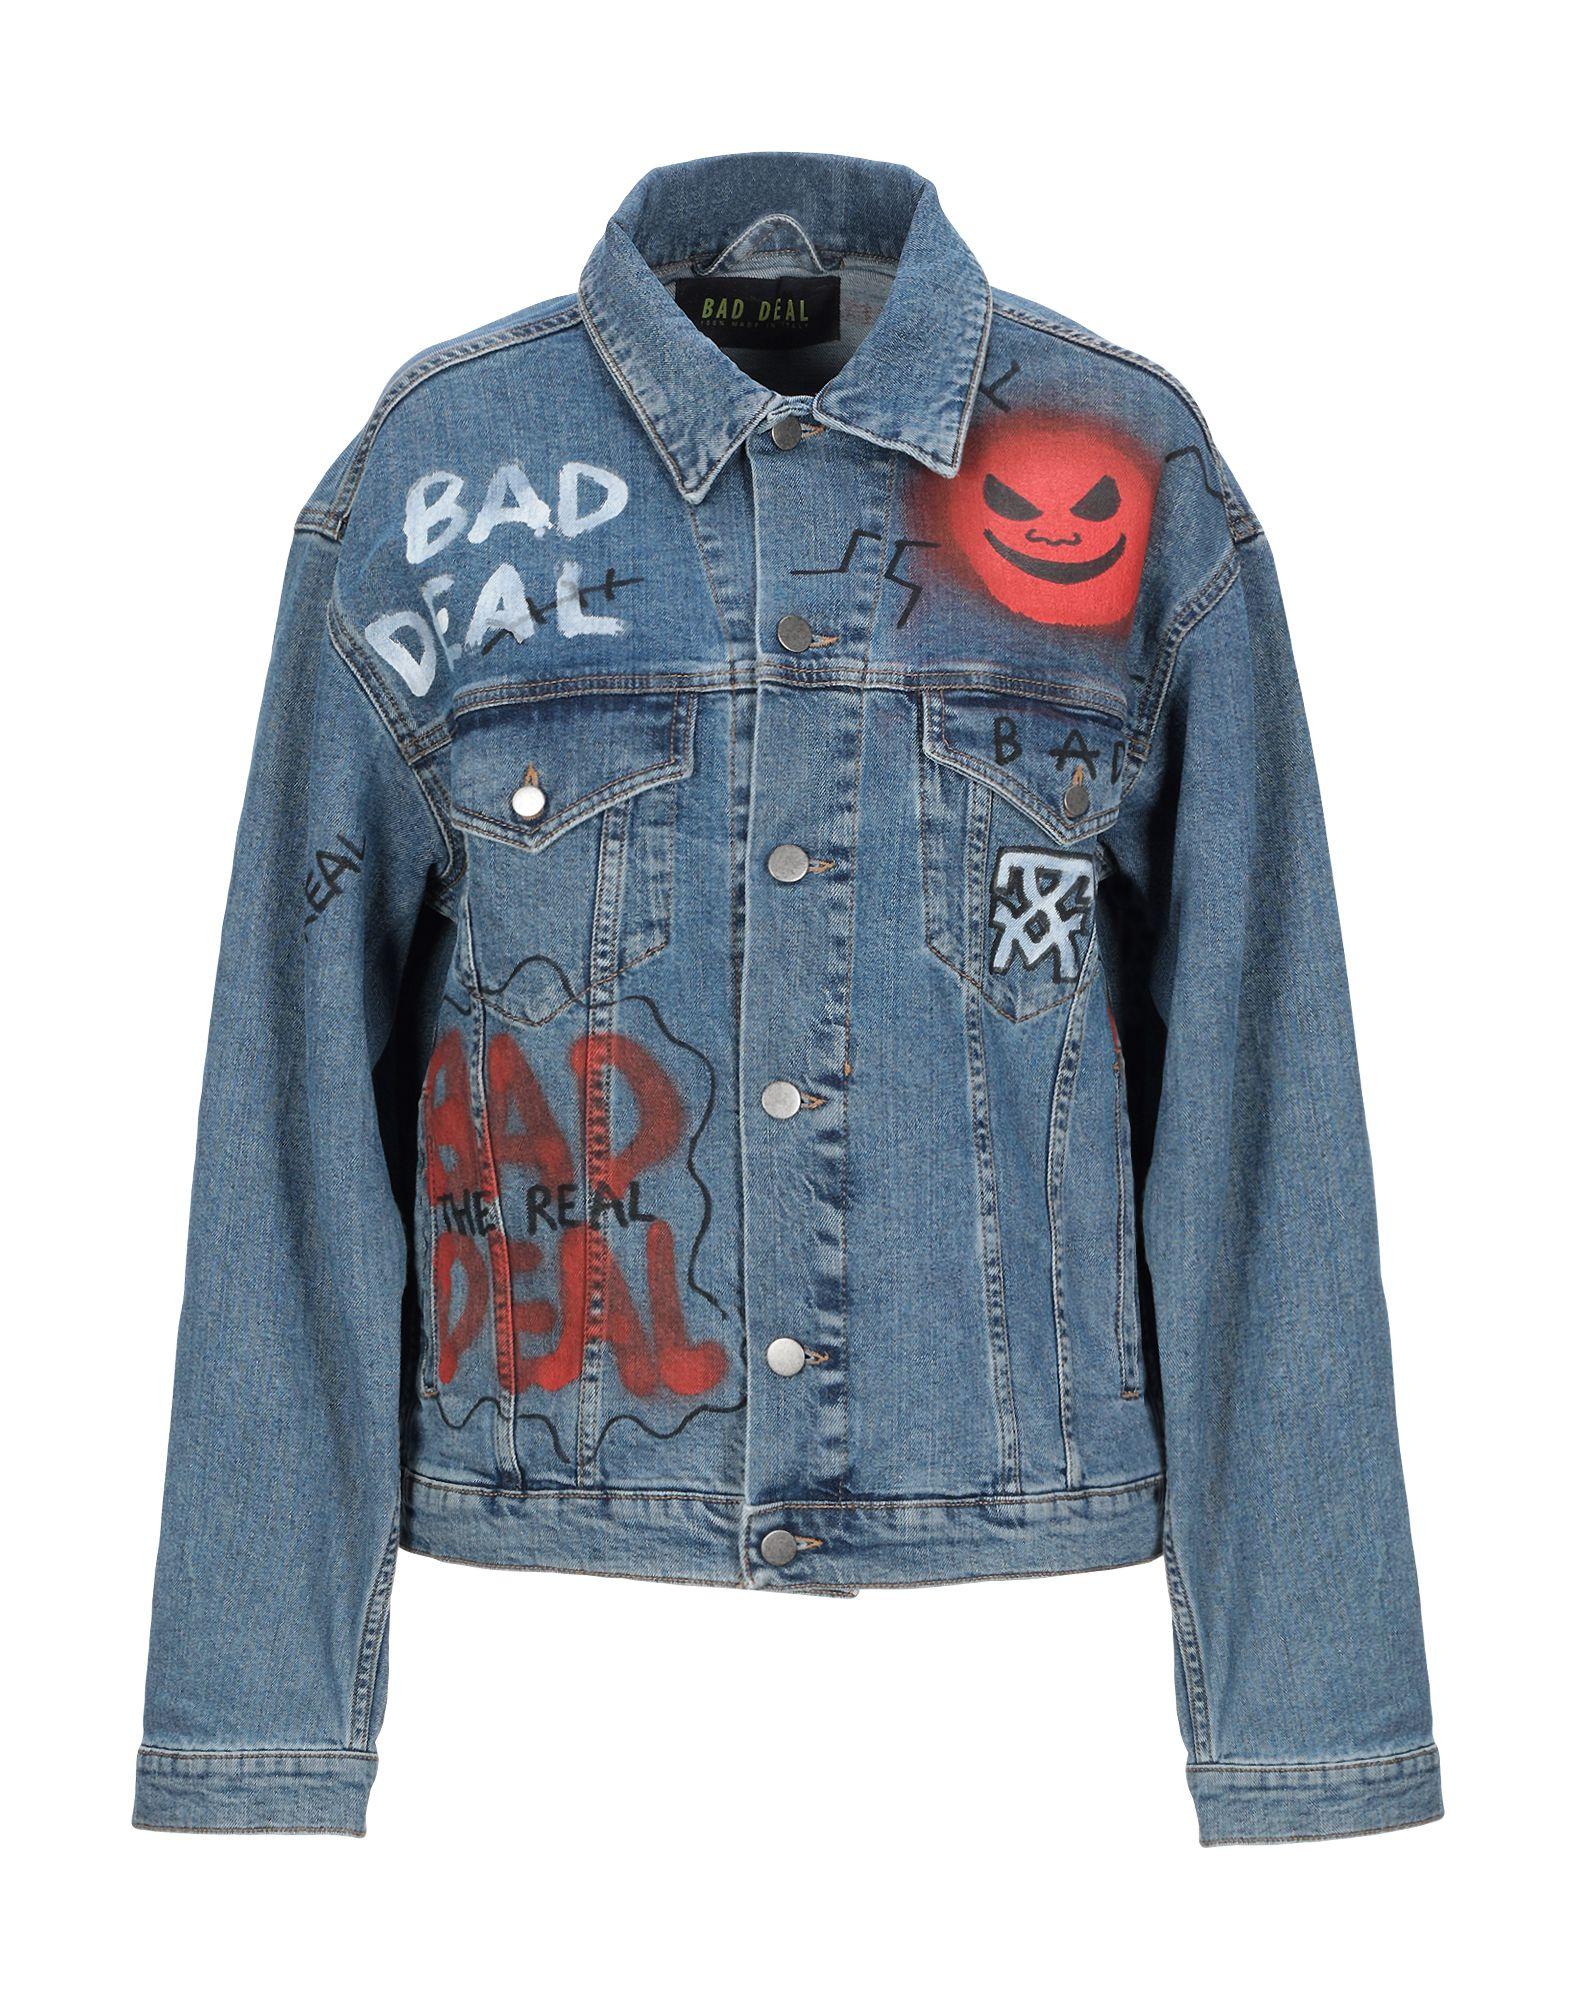 BAD DEAL Джинсовая верхняя одежда bad deal толстовка